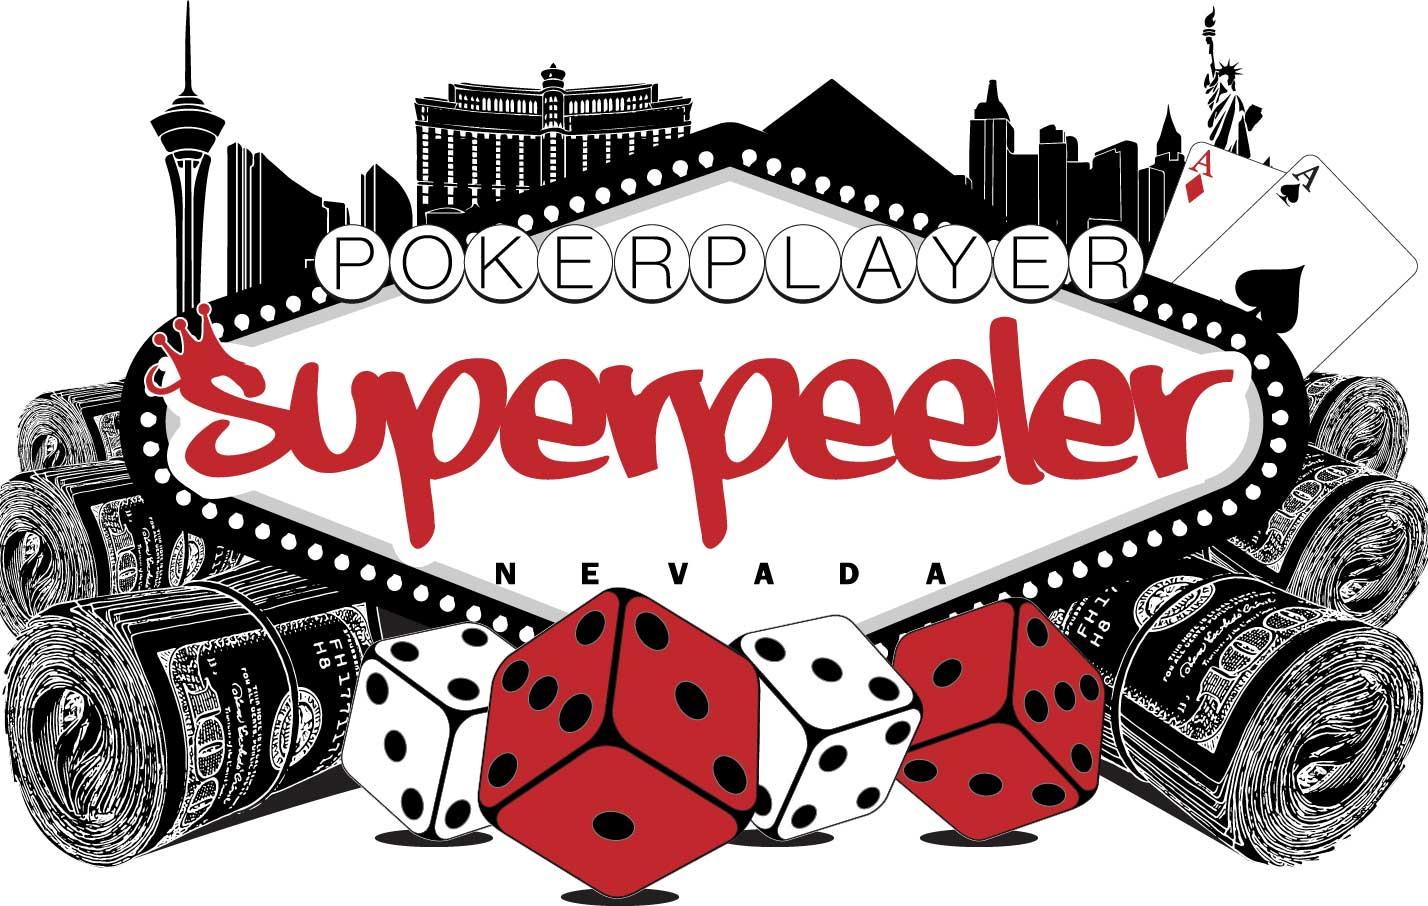 SuperPeeler-20.jpg